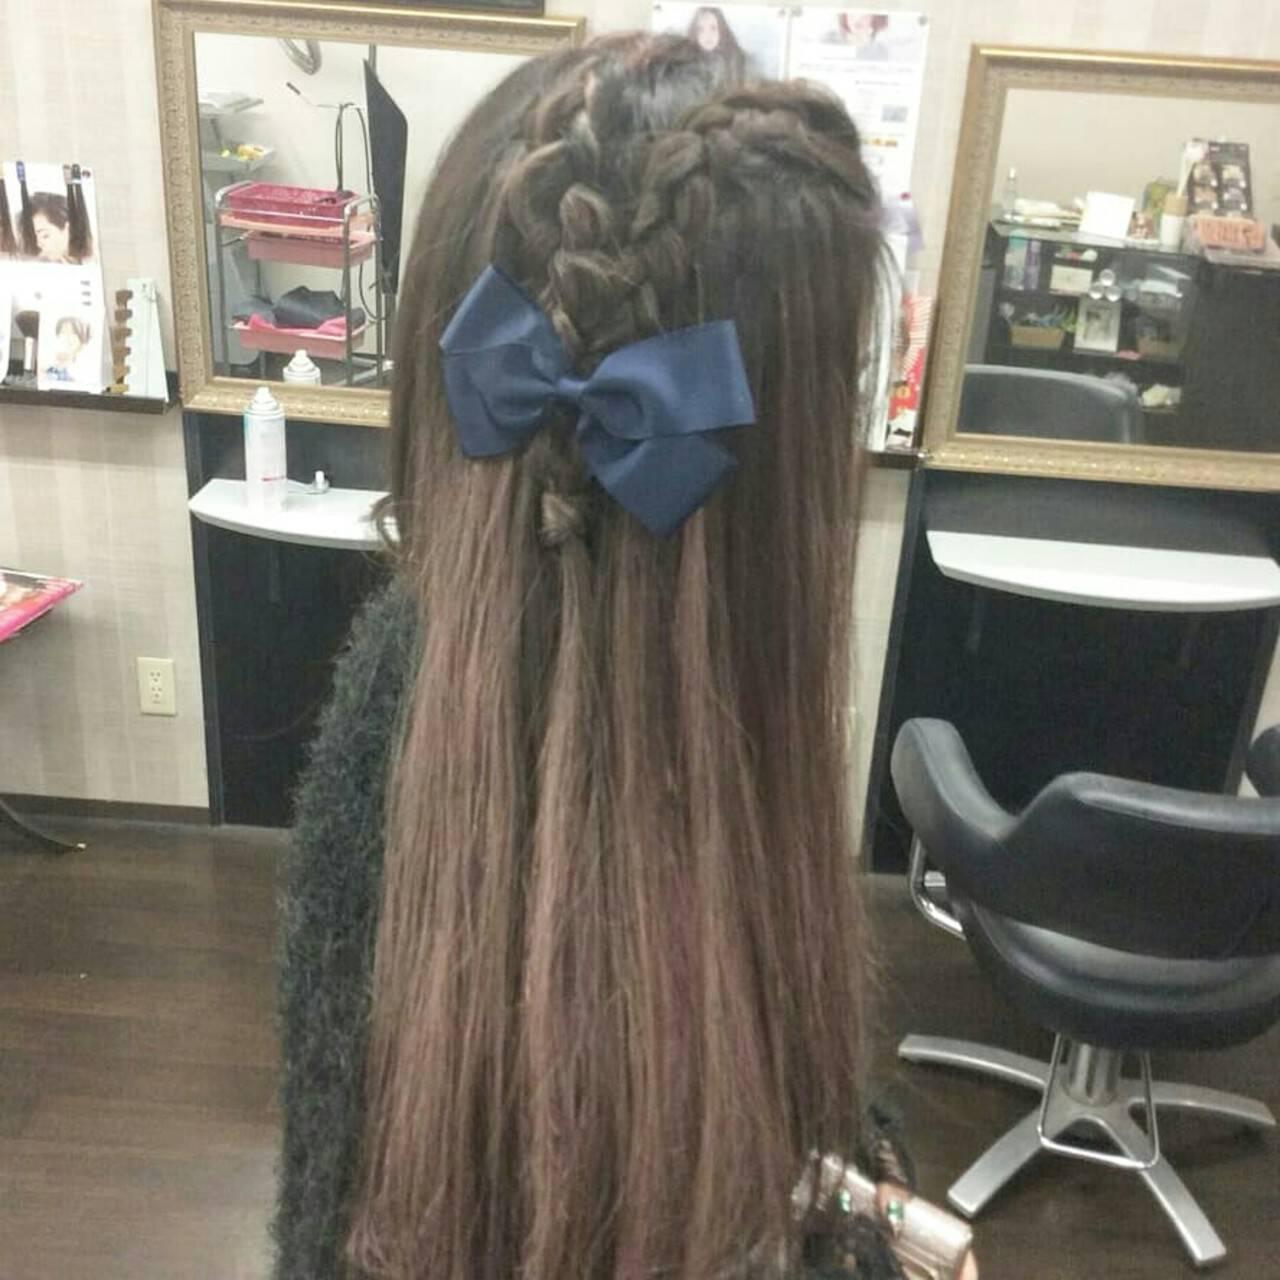 ナチュラル 編み込み ヘアアレンジ ロングヘアスタイルや髪型の写真・画像